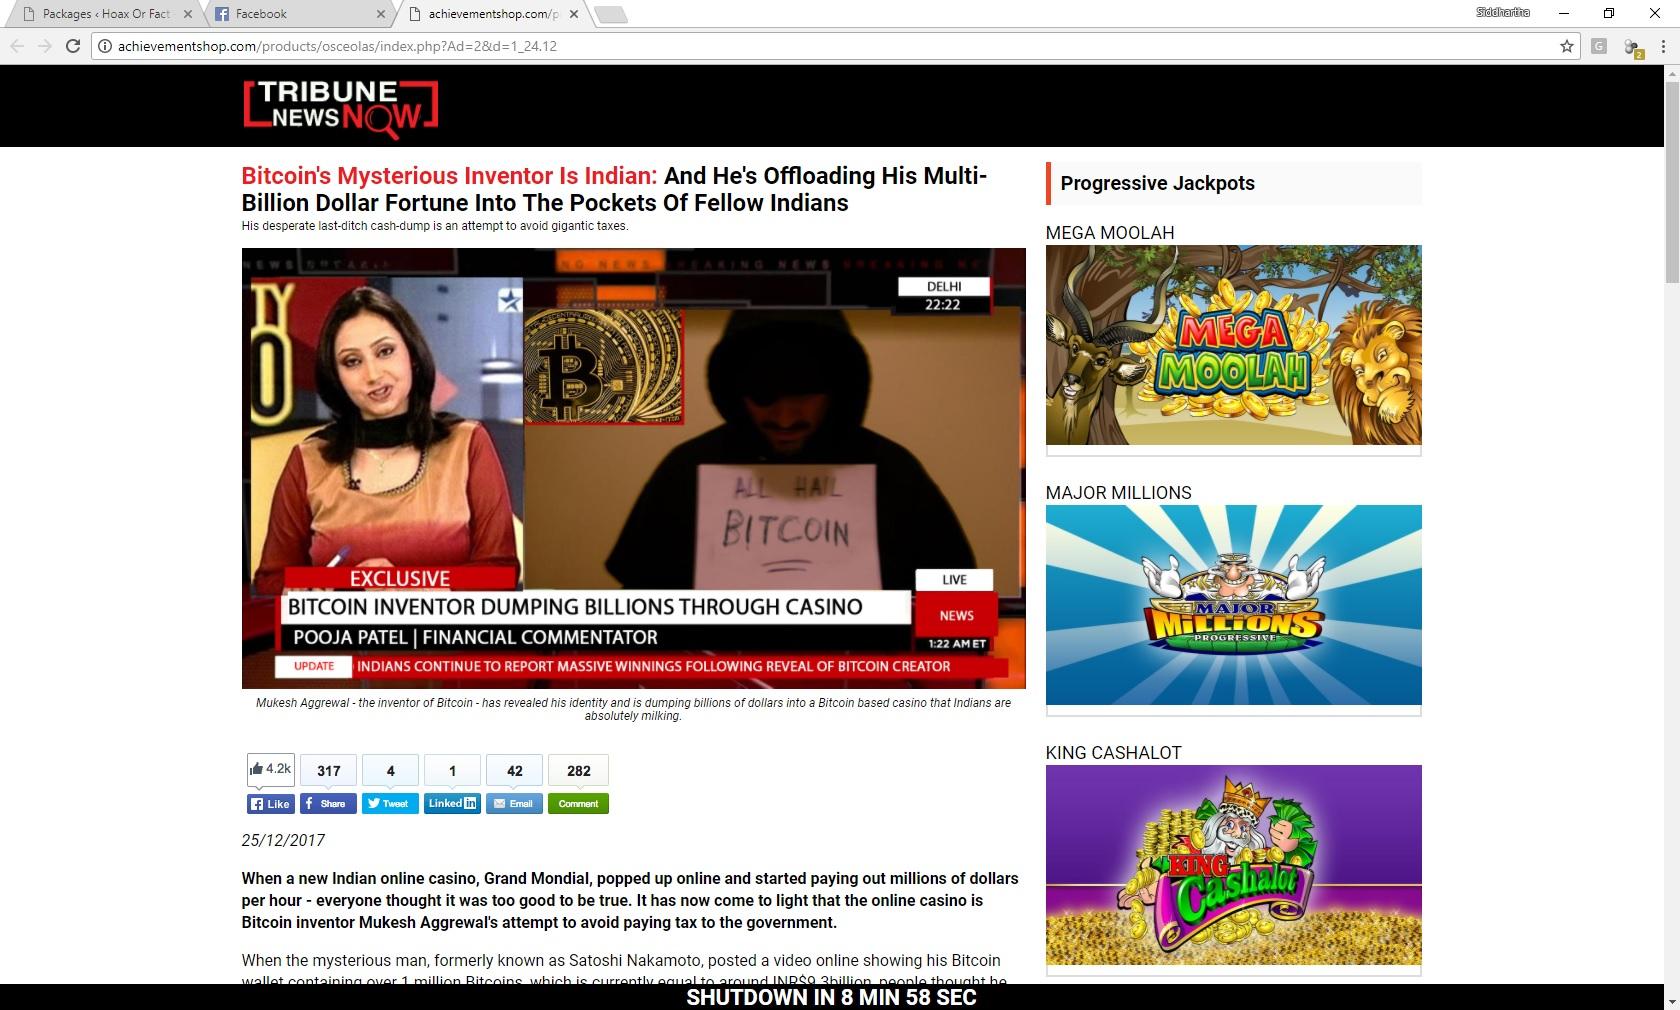 grand mondial casino india website